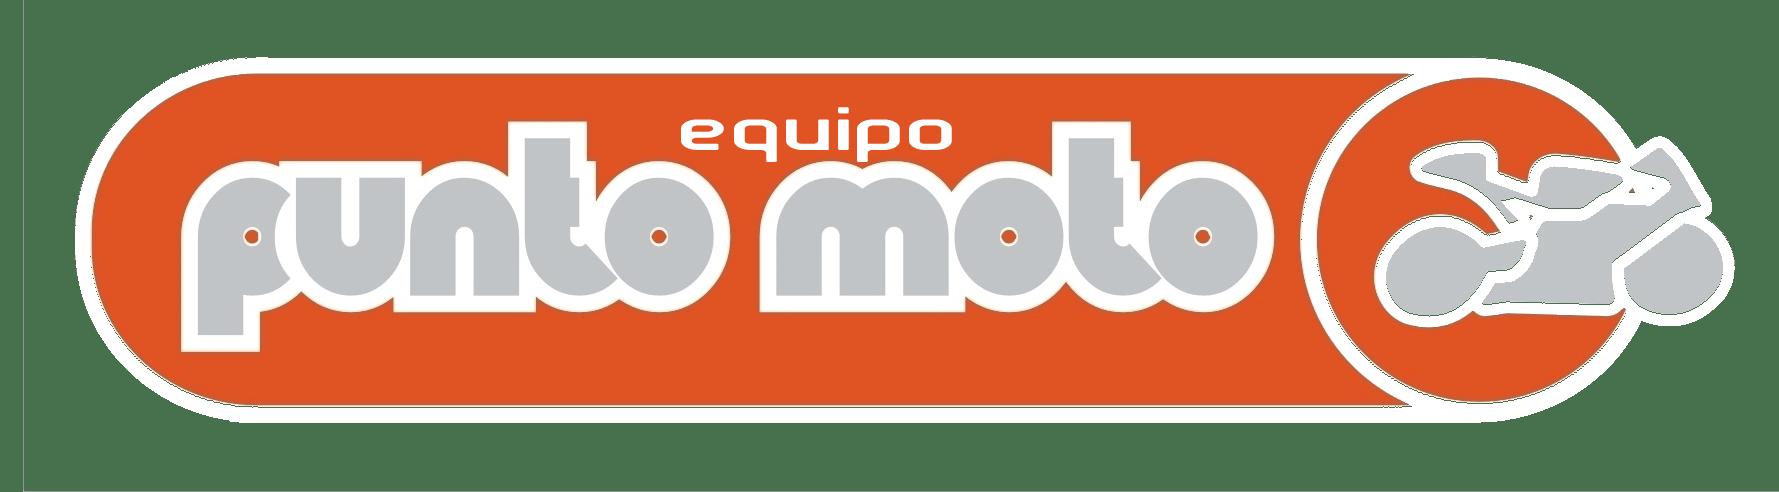 EquipoPuntoMoto